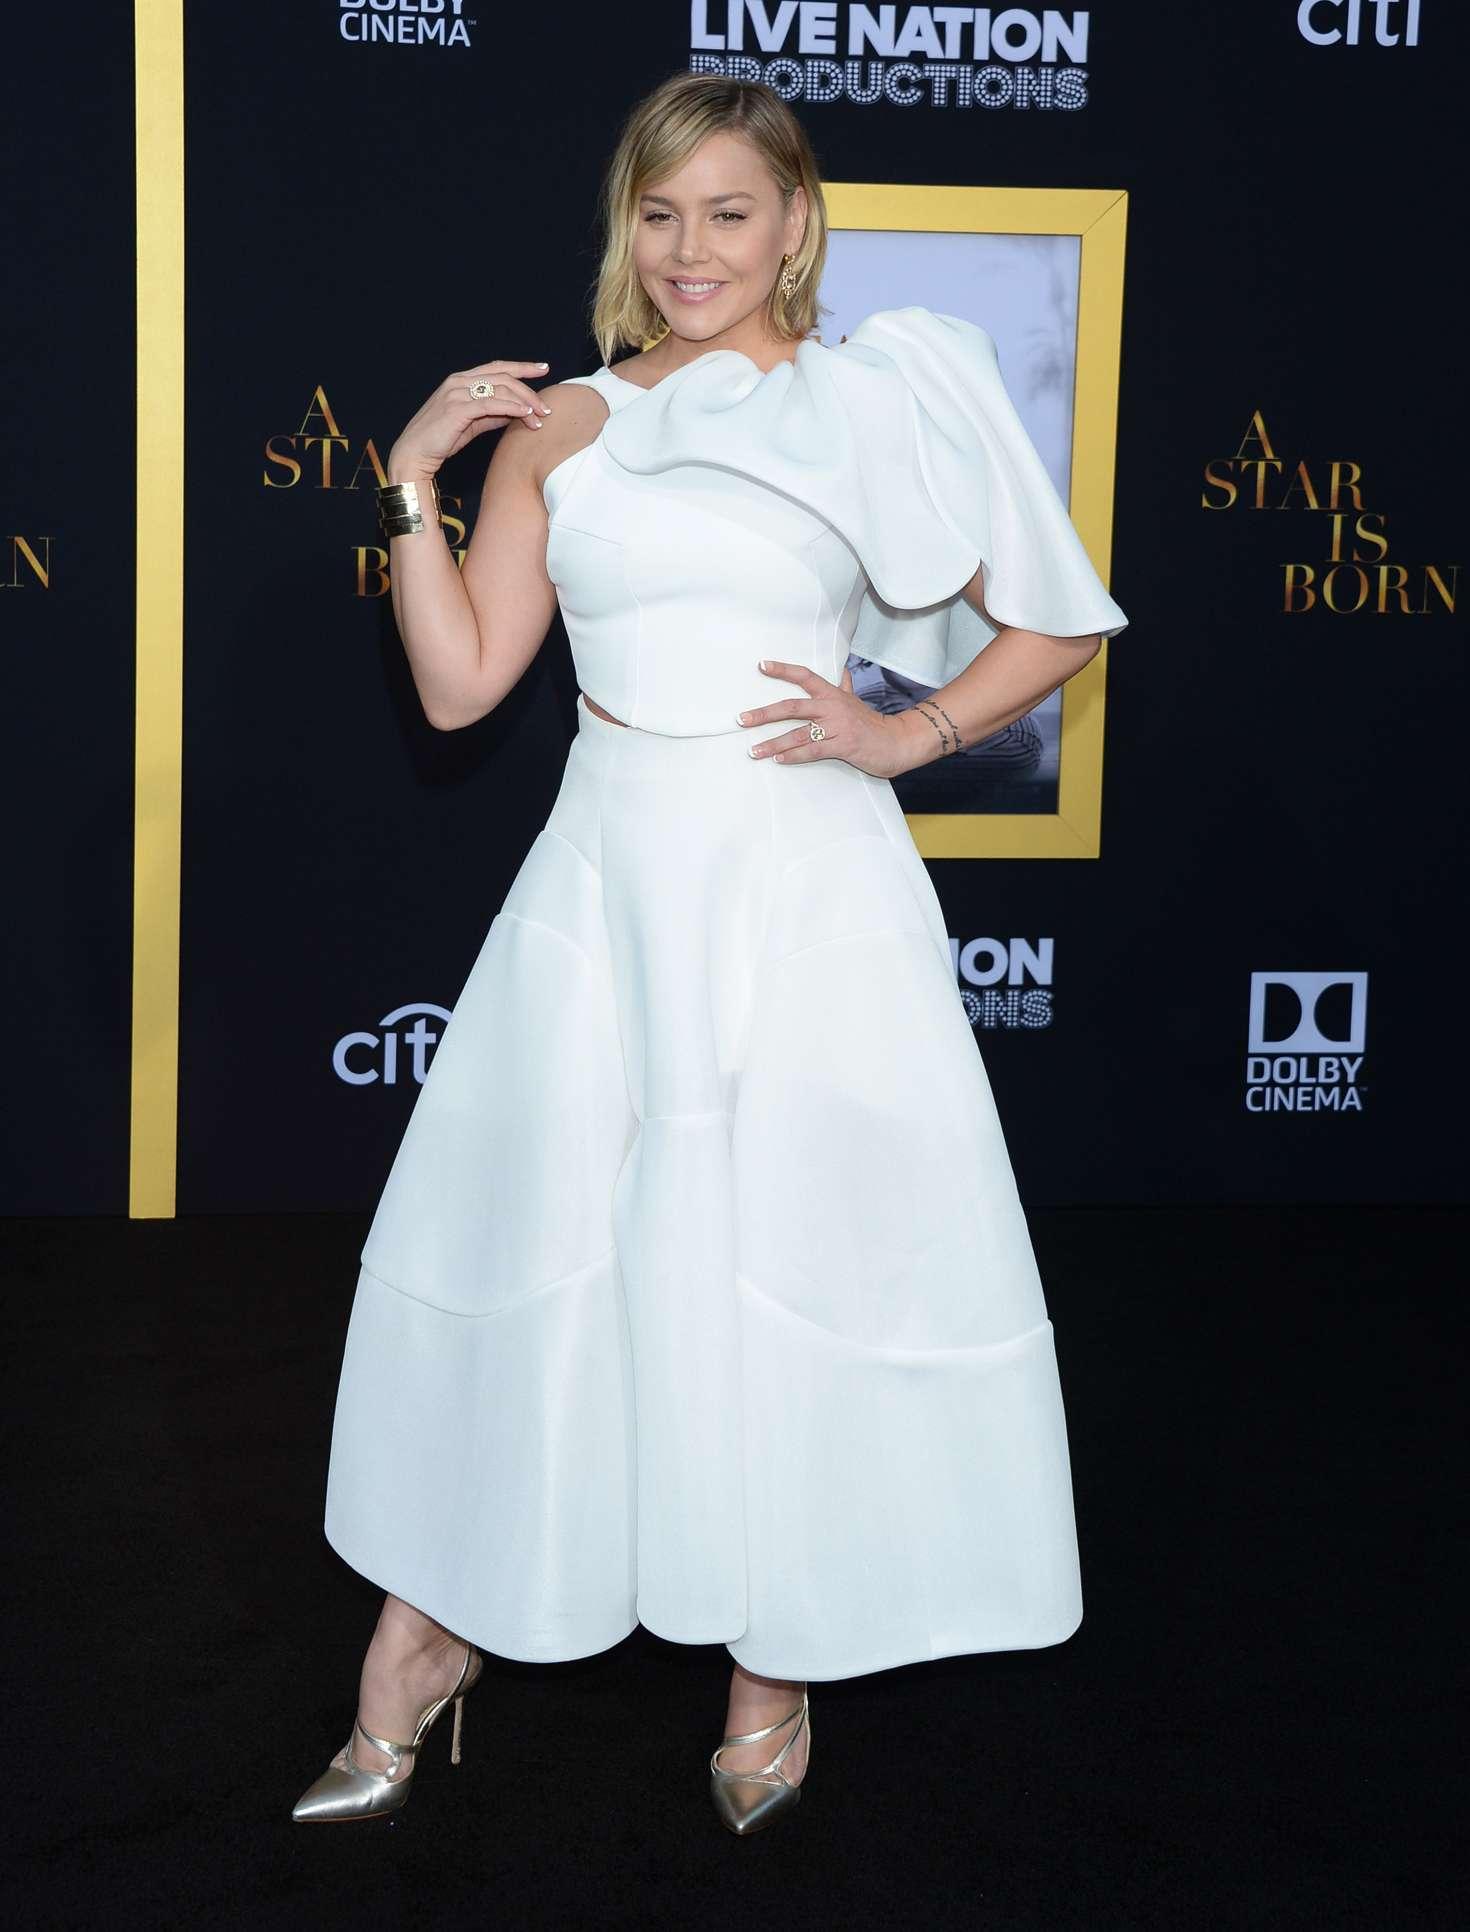 Abbie Cornish - 'A Star is Born' Premiere in LA